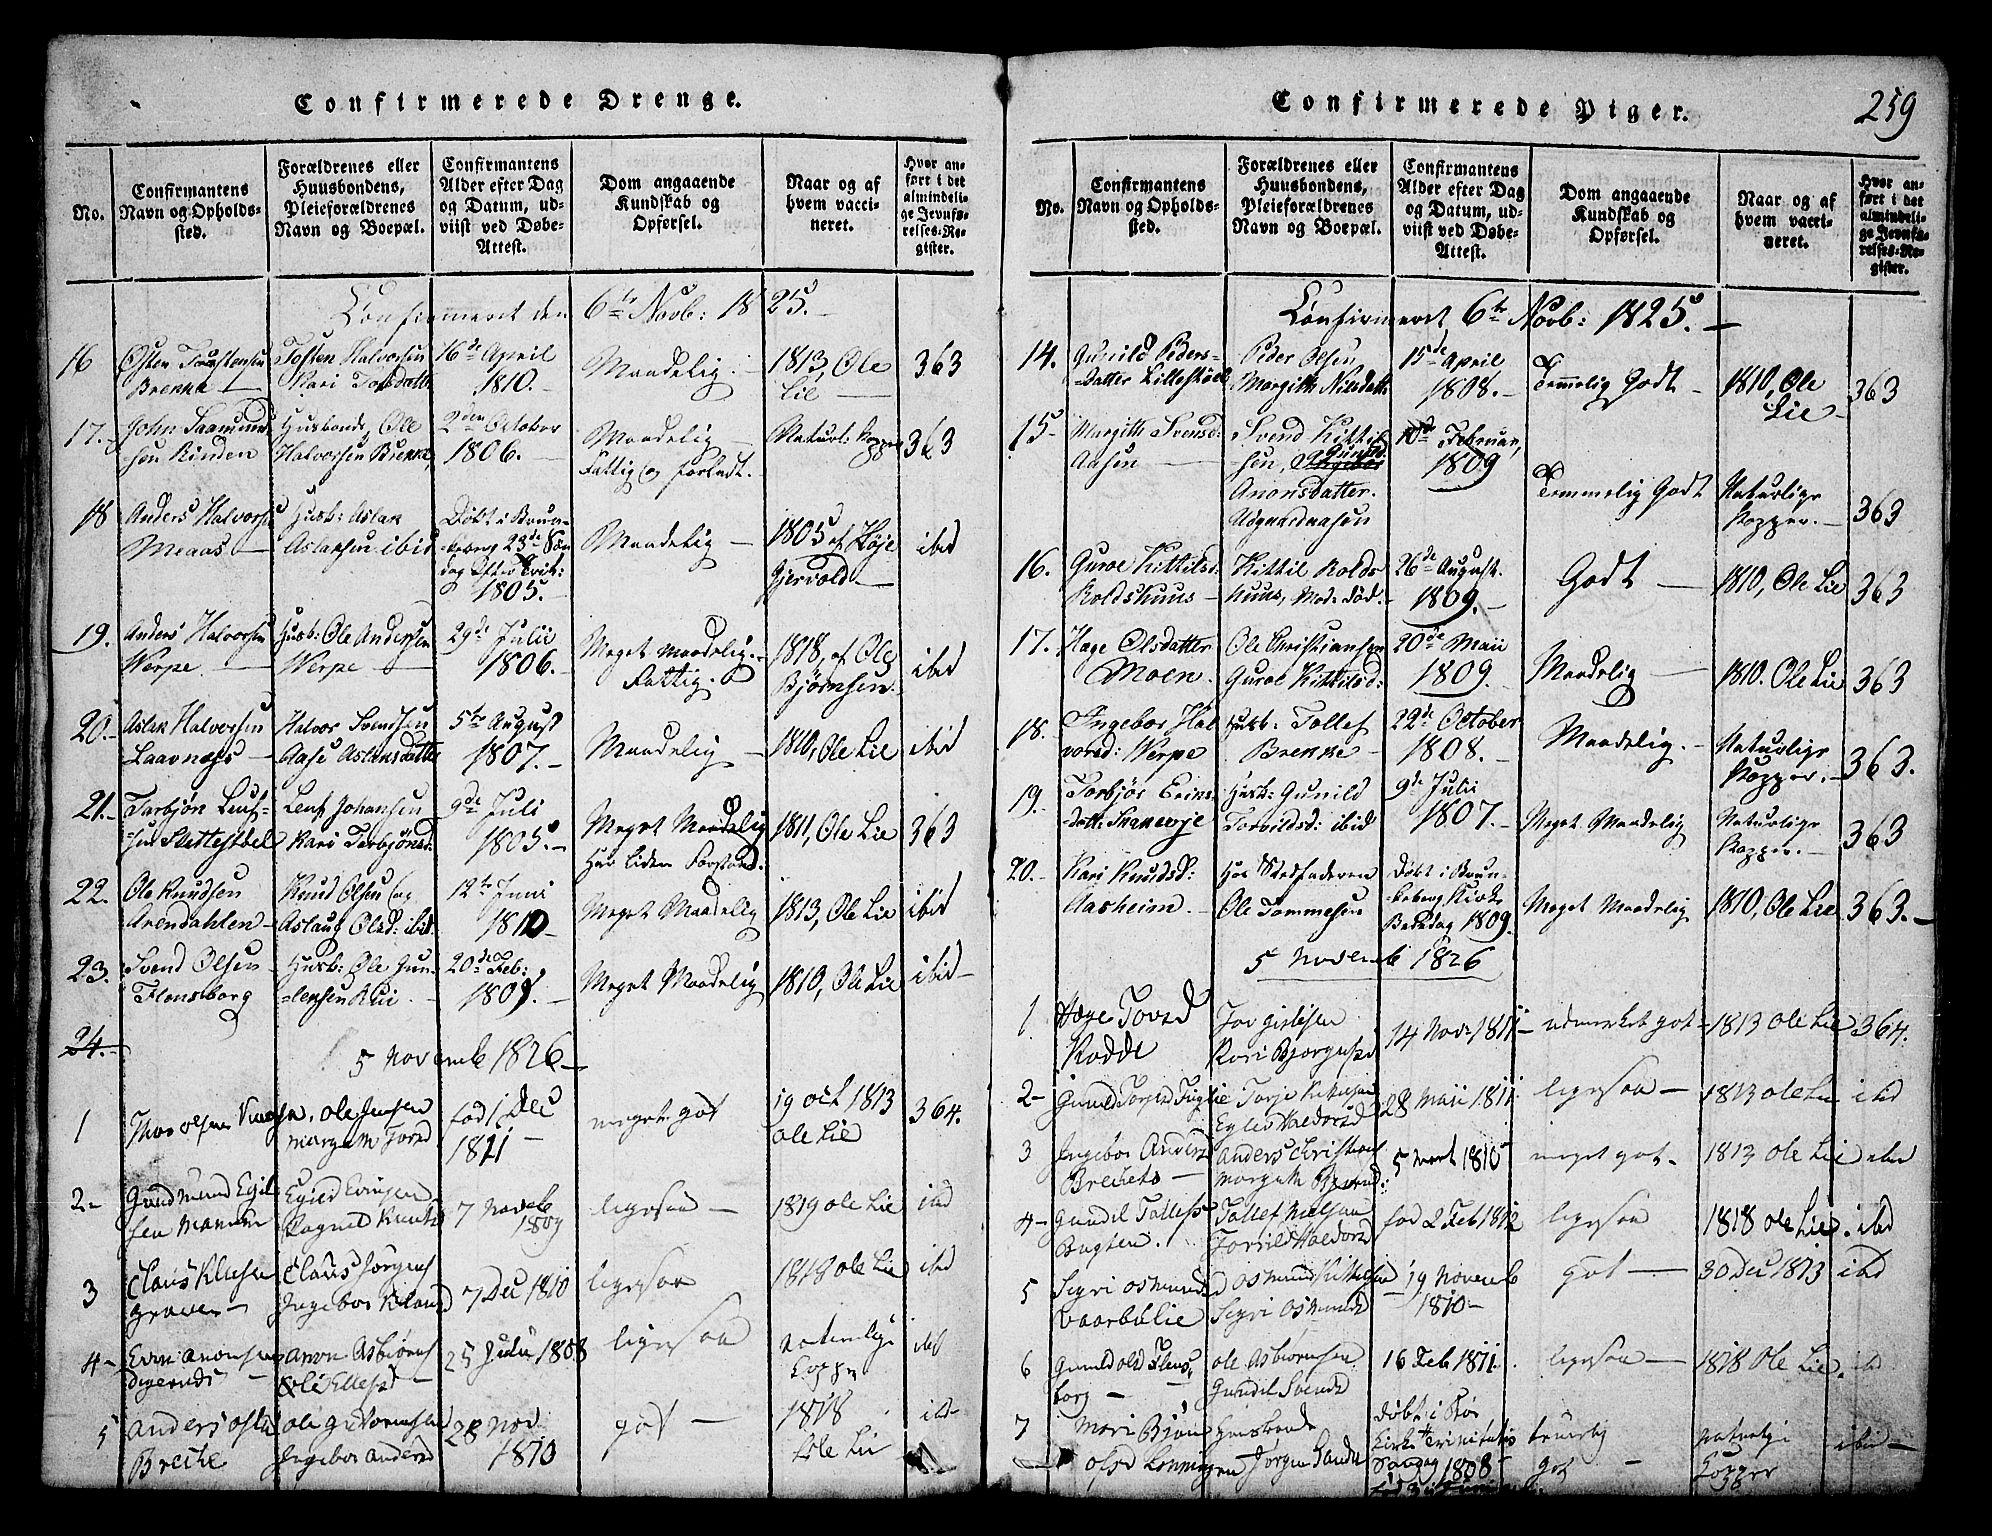 SAKO, Seljord kirkebøker, F/Fa/L0010: Ministerialbok nr. I 10, 1815-1831, s. 259